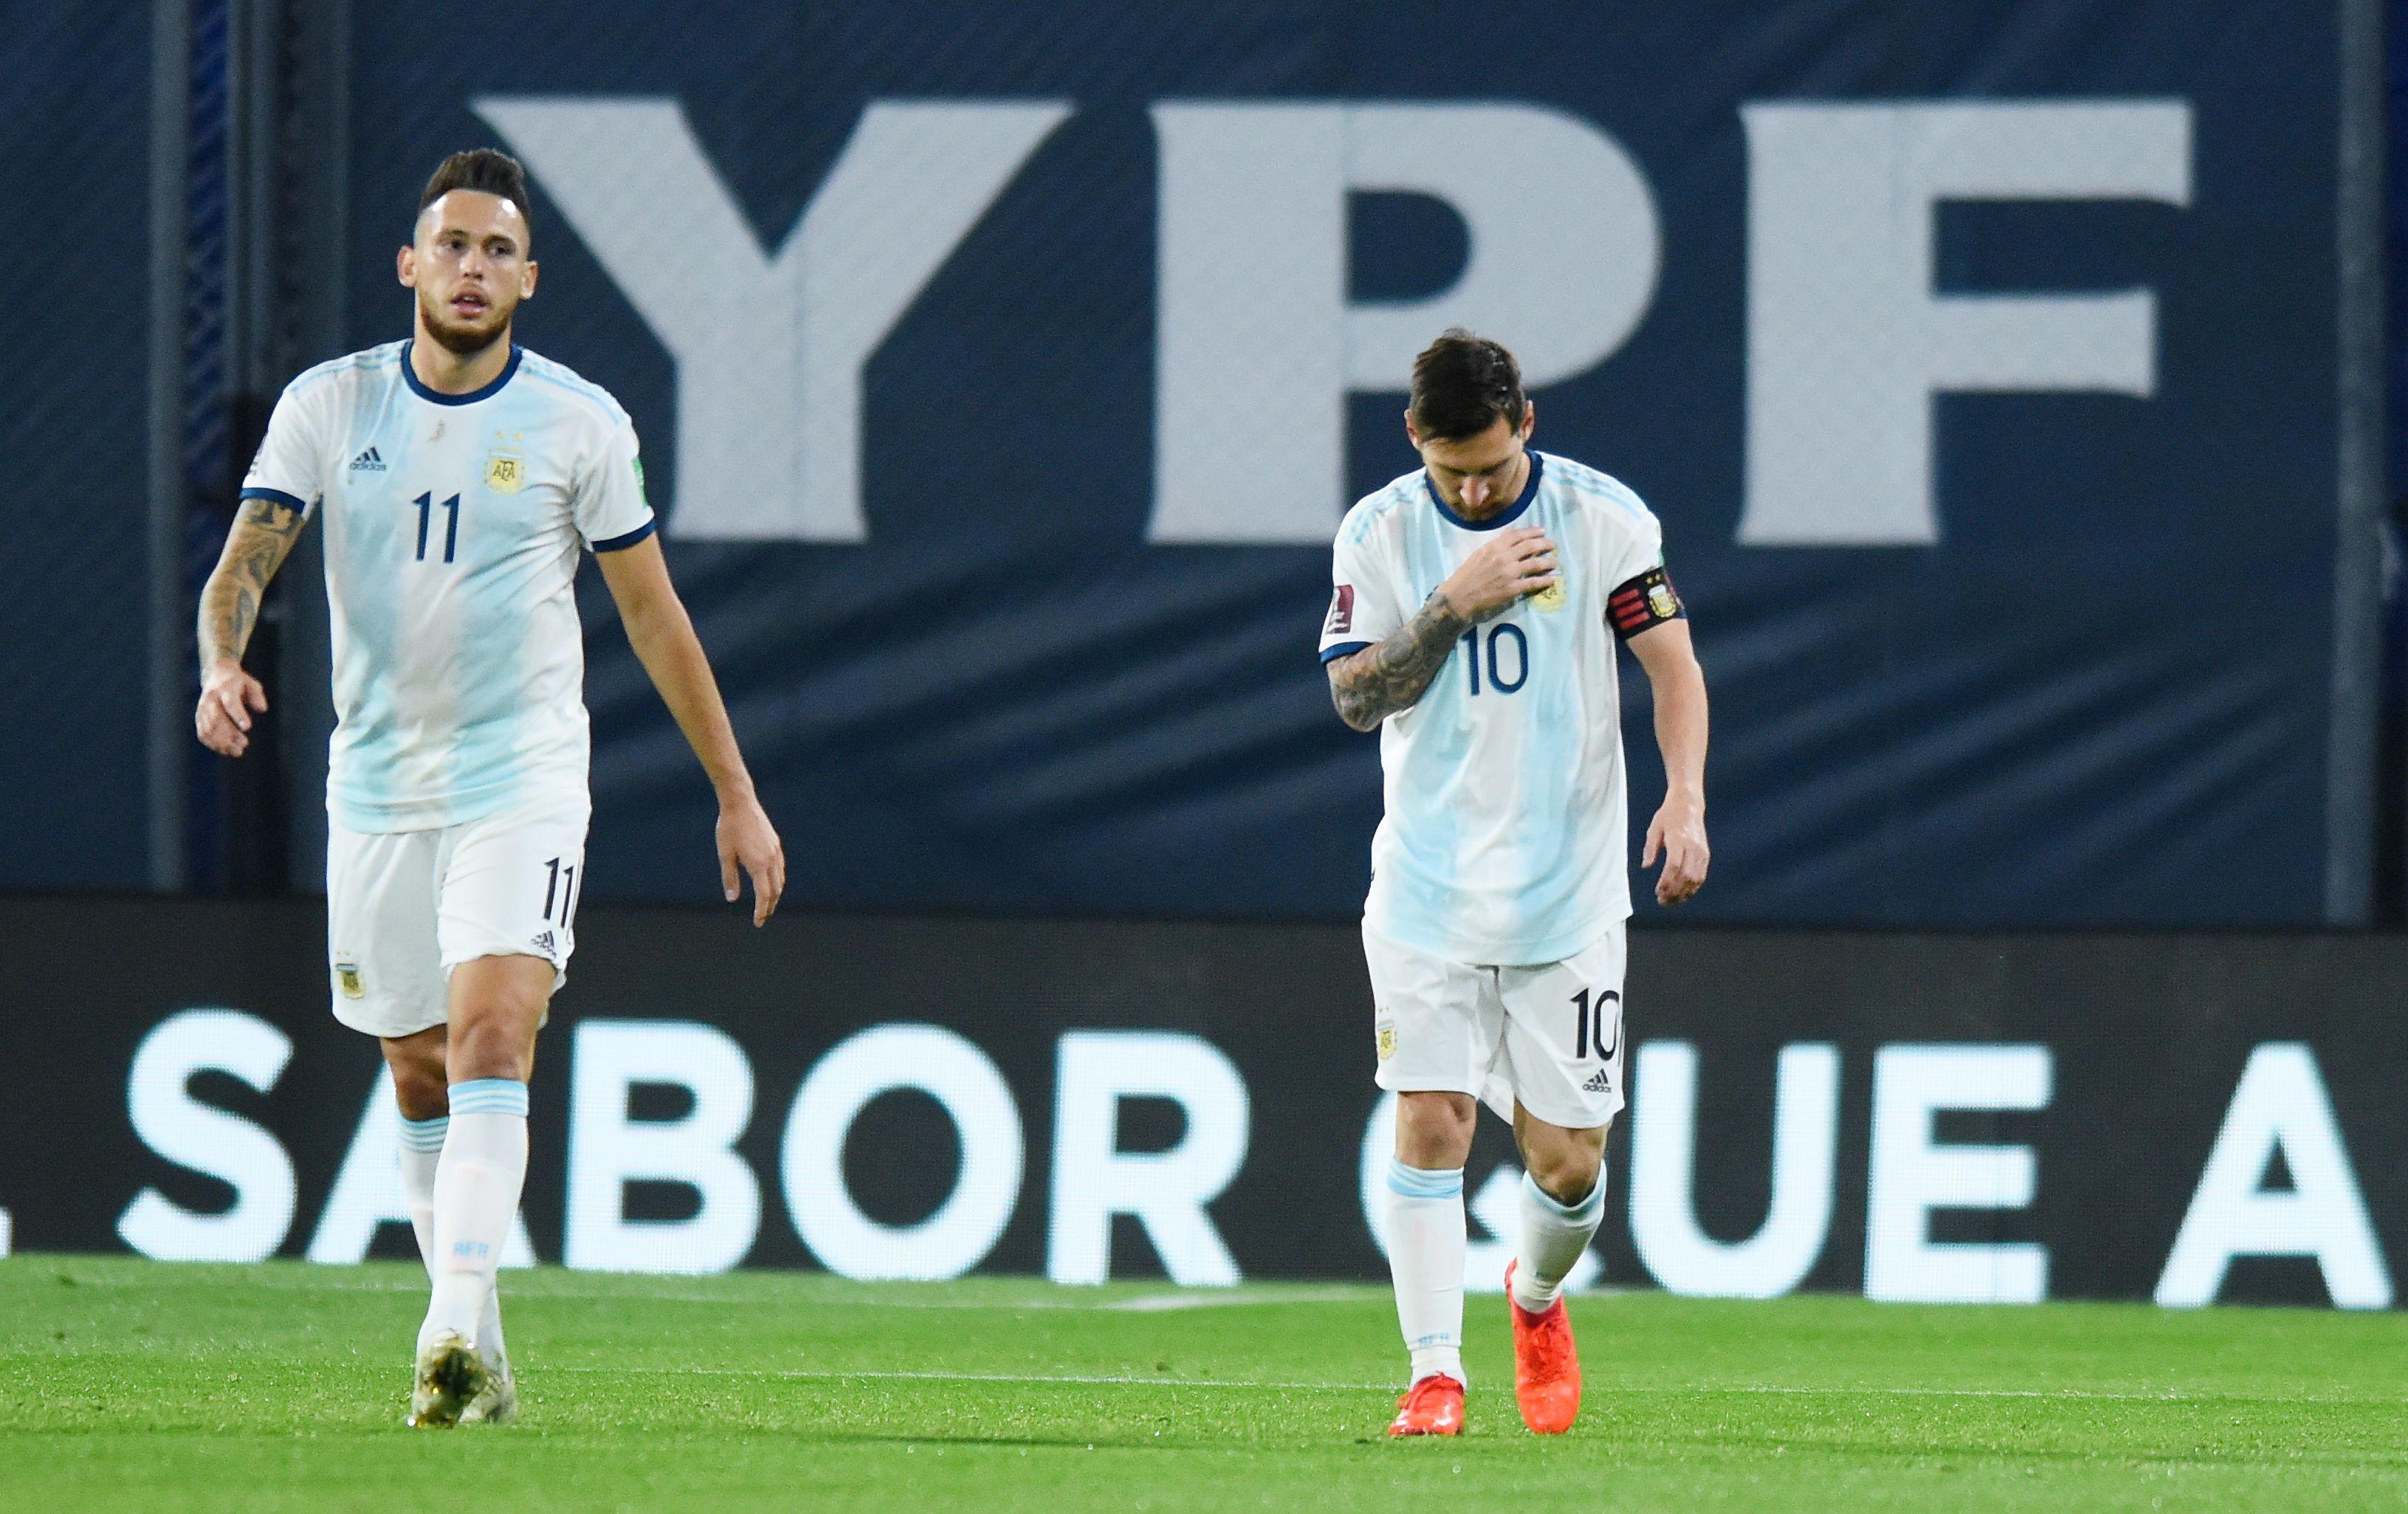 Messi se persigna tras su gol, acompañado de Ocampos, su socio en la jugada del penal (REUTERS/Marcelo Endelli)